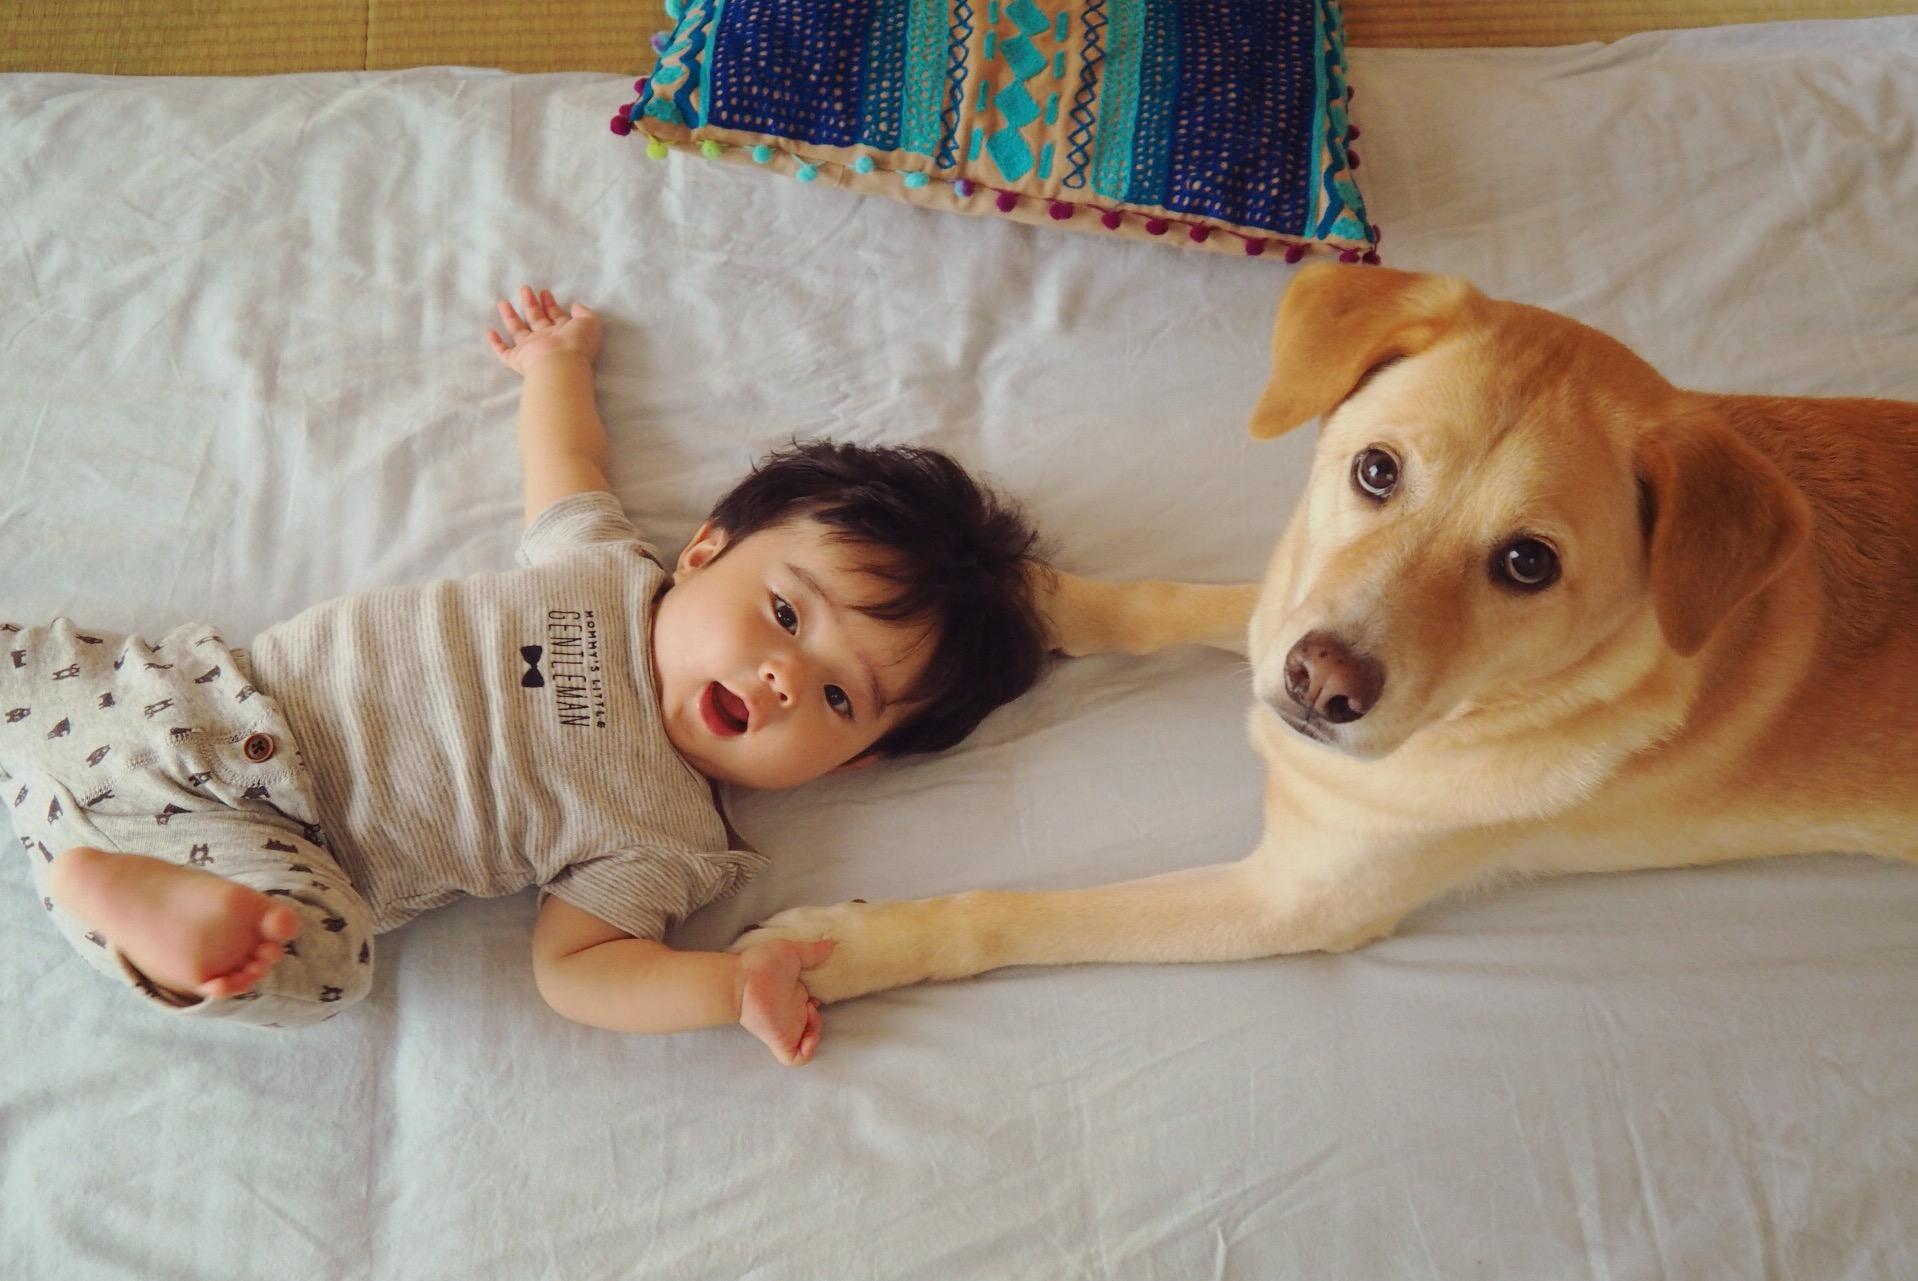 赤ちゃんと犬 犬と赤ちゃん 大型犬と赤ちゃん